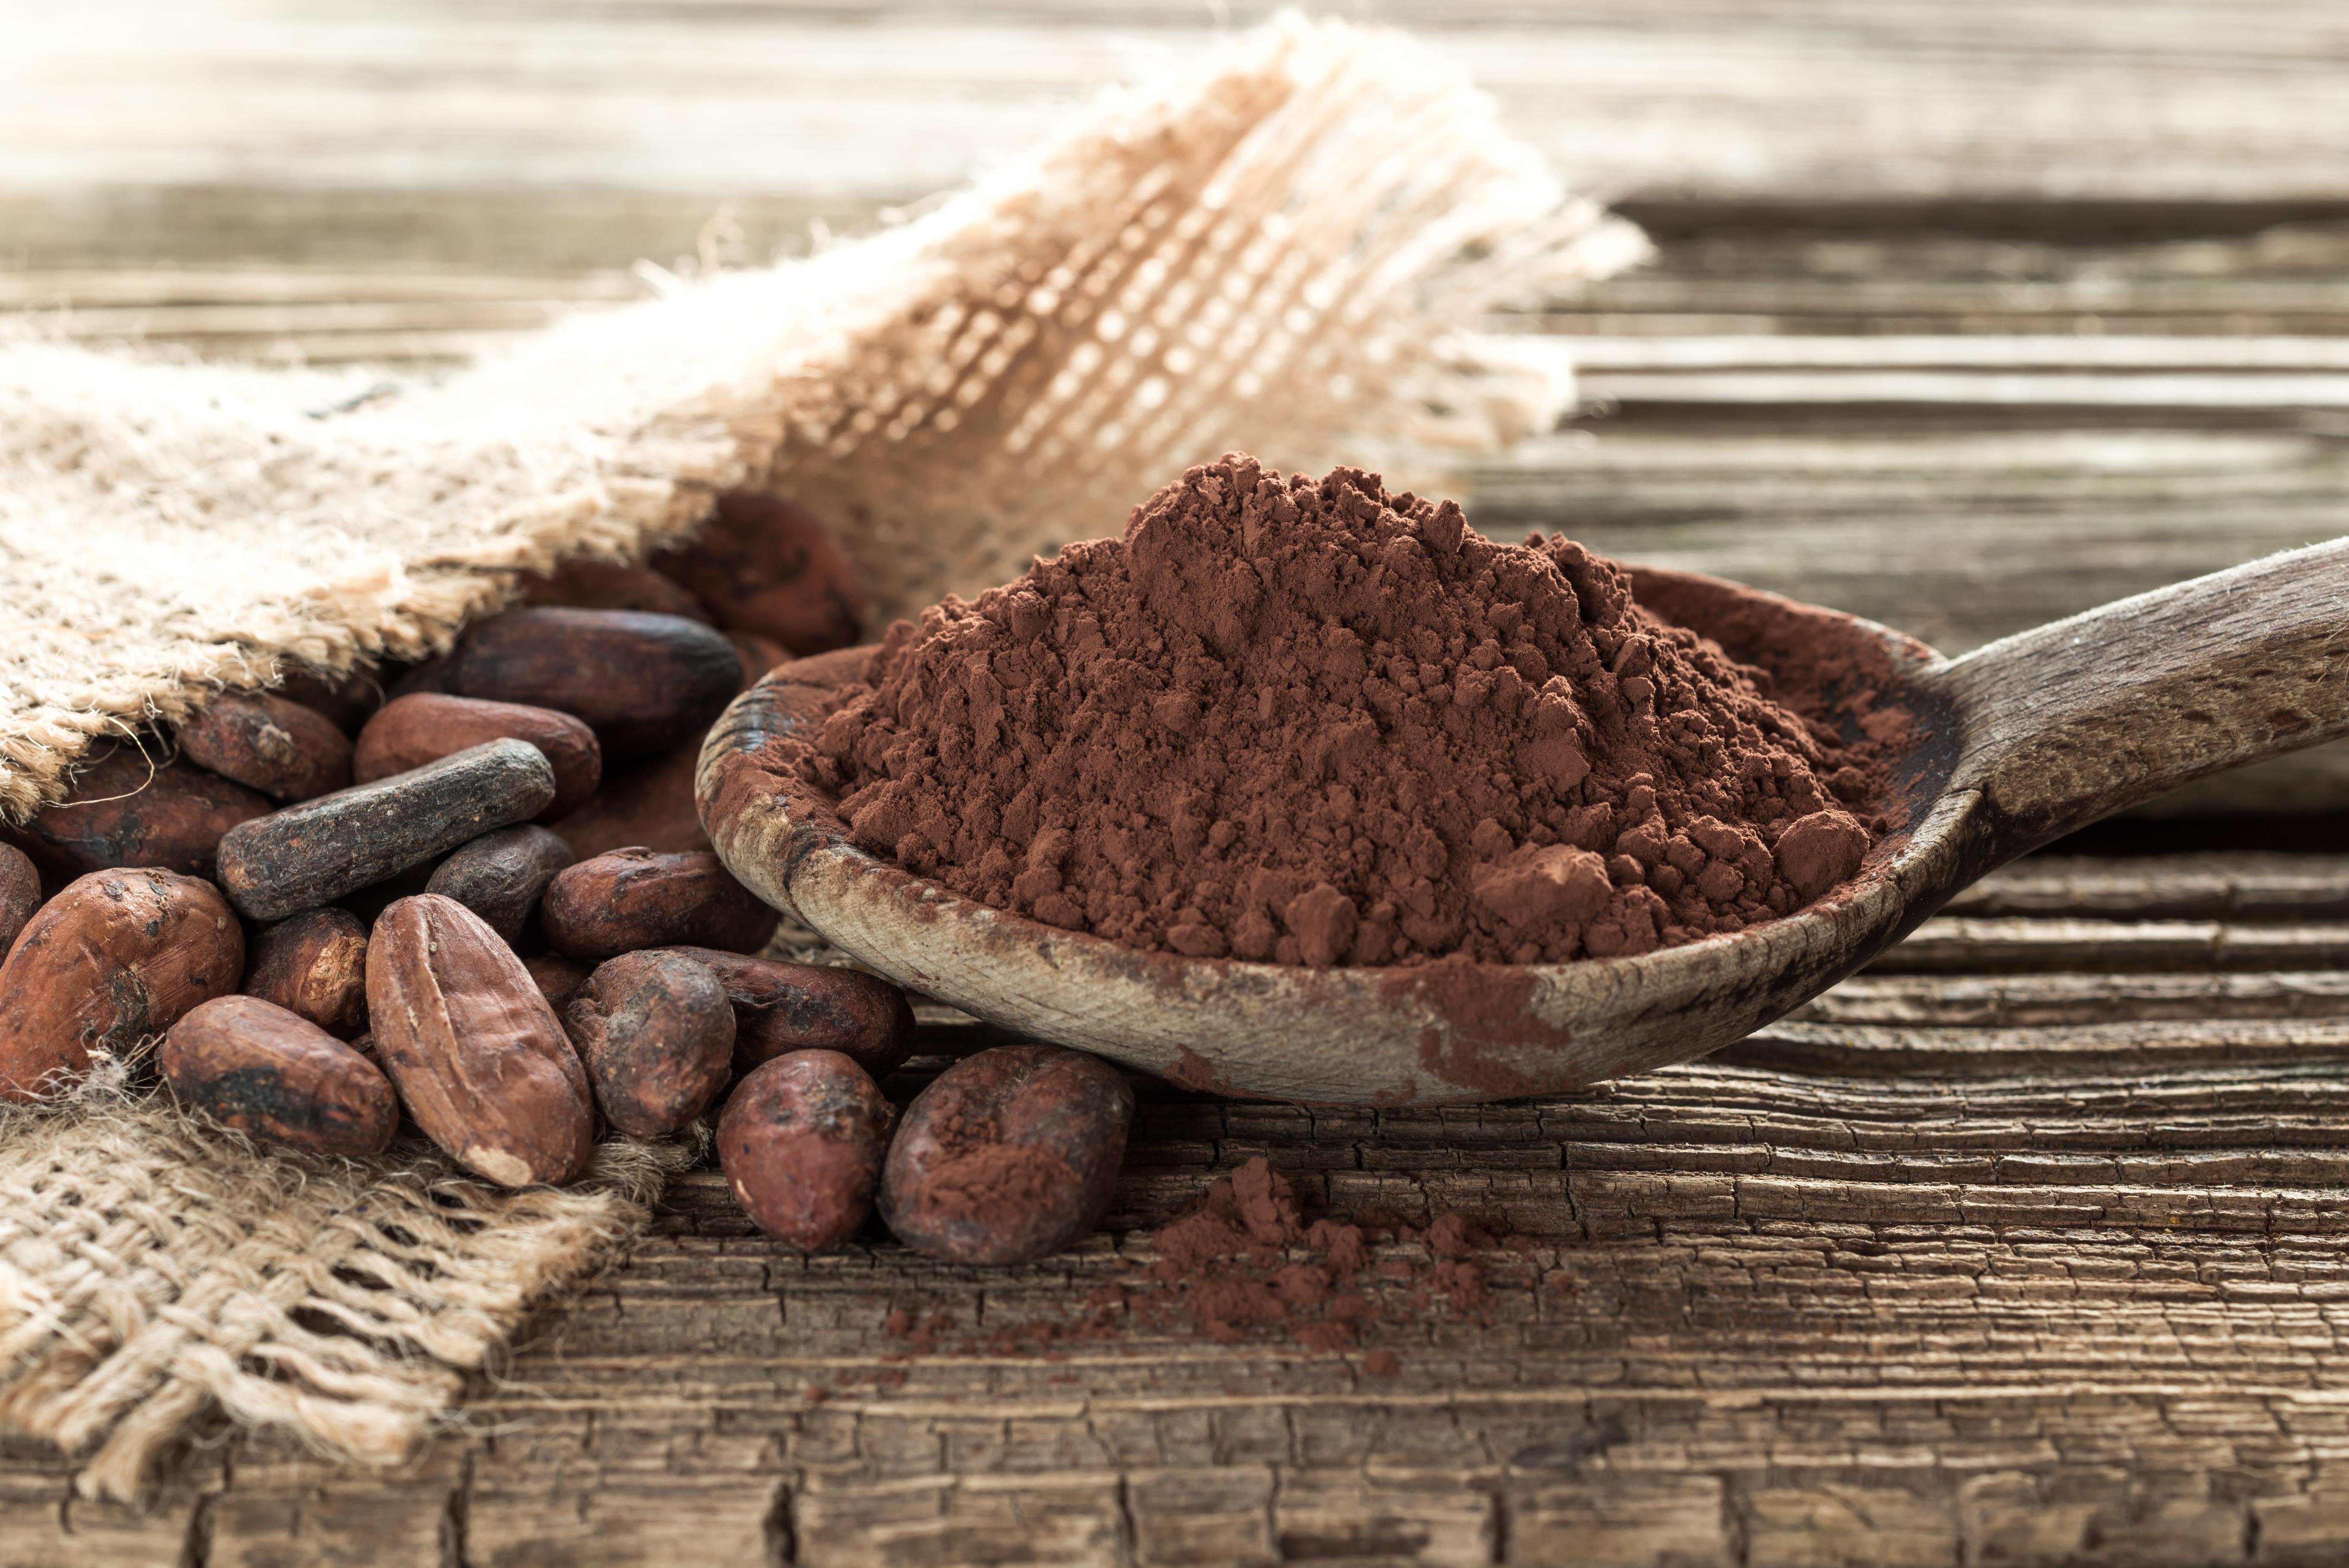 Projet de norme sur le cacao durable